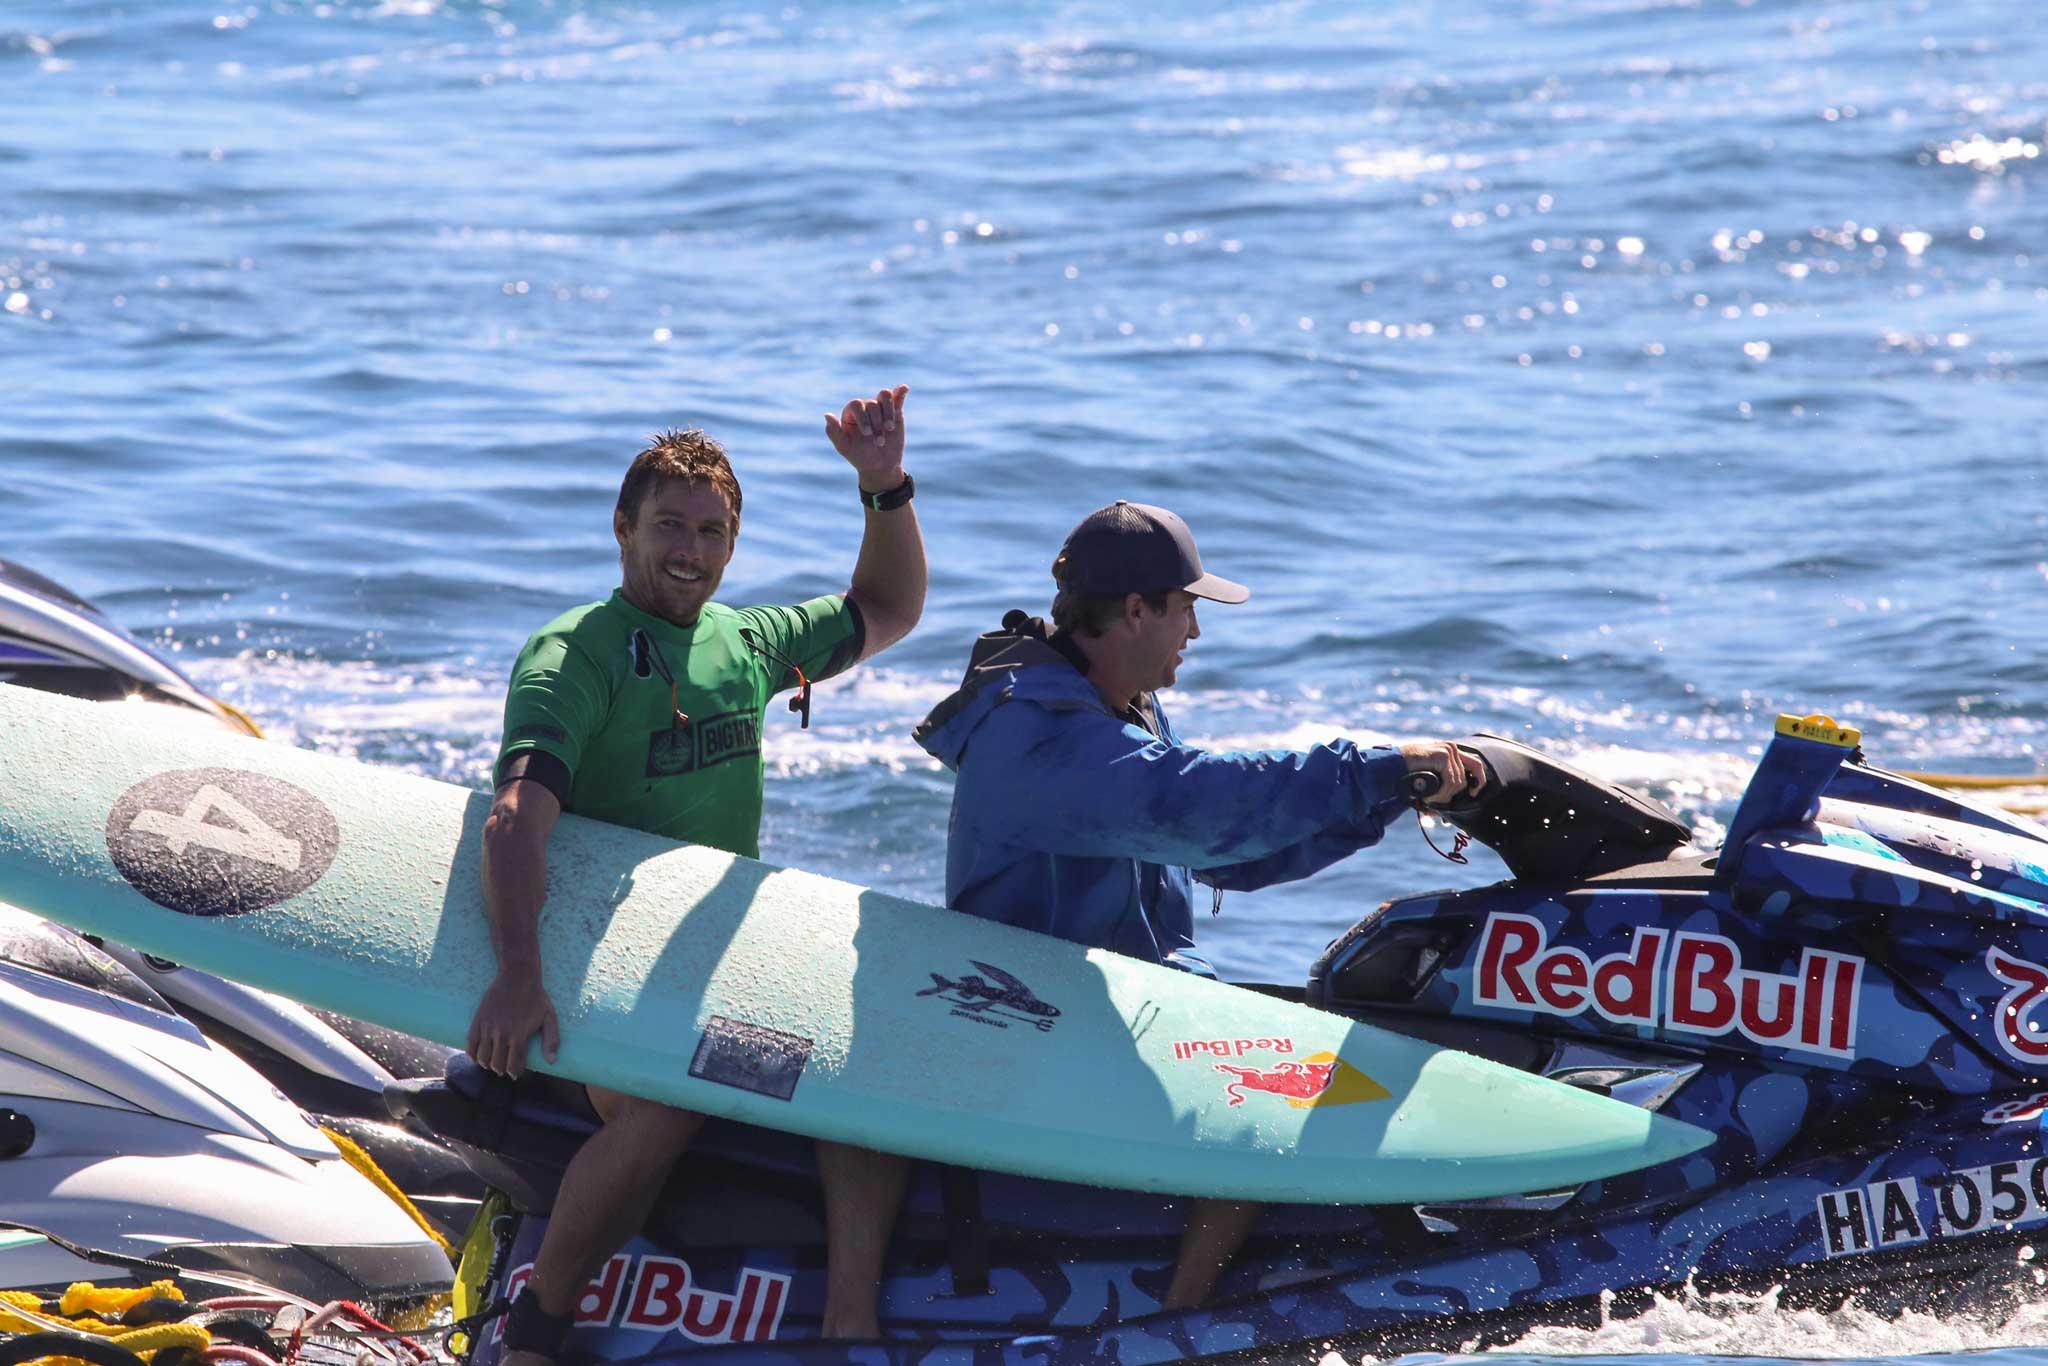 Am Ende die Nase vor: Der 34-jährige Ian Walsh aus Hawaii. Credit: WSL / Hallman